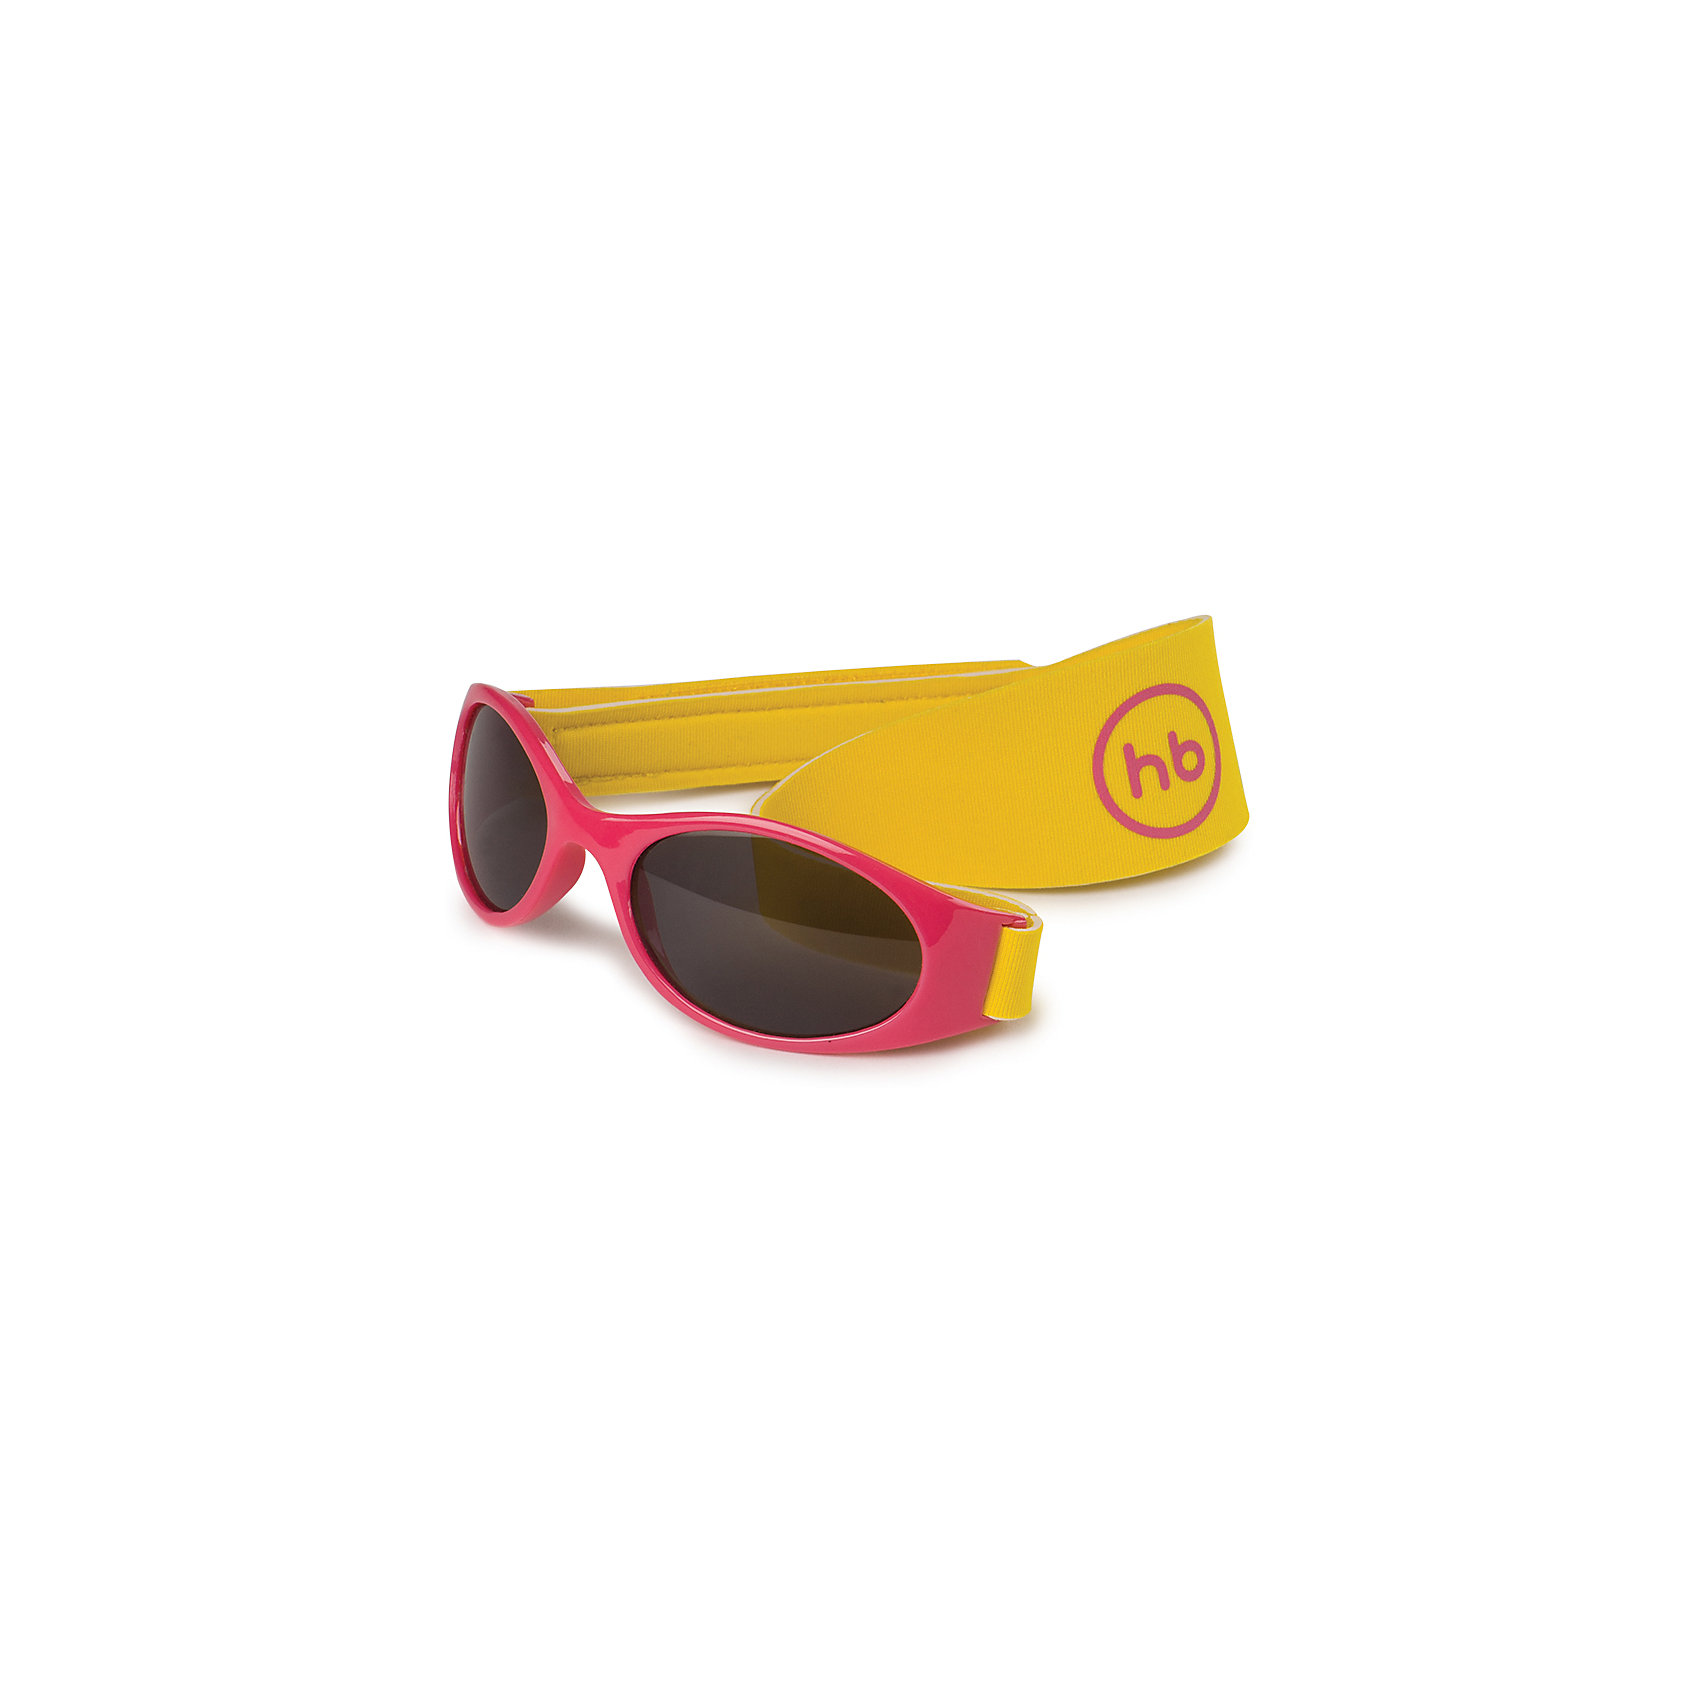 Очки солнцезащитные с ремешком, Happy Baby, красныйСолнцезащитные очки<br>Солнцезащитные очки с ремешком HBтм – это именно то, что нужно активному малышу во время отдыха на море. Ремешок не позволит очкам упасть или потеряться (как это часто происходит во время игр маленьких непосед). Глаза малыша будут всё время под надёжной защитой, а сам ребёнок сможет в полной мере наслаждаться отдыхом на солнце.<br><br>Ширина мм: 40<br>Глубина мм: 160<br>Высота мм: 50<br>Вес г: 31<br>Возраст от месяцев: 6<br>Возраст до месяцев: 24<br>Пол: Унисекс<br>Возраст: Детский<br>SKU: 6679331